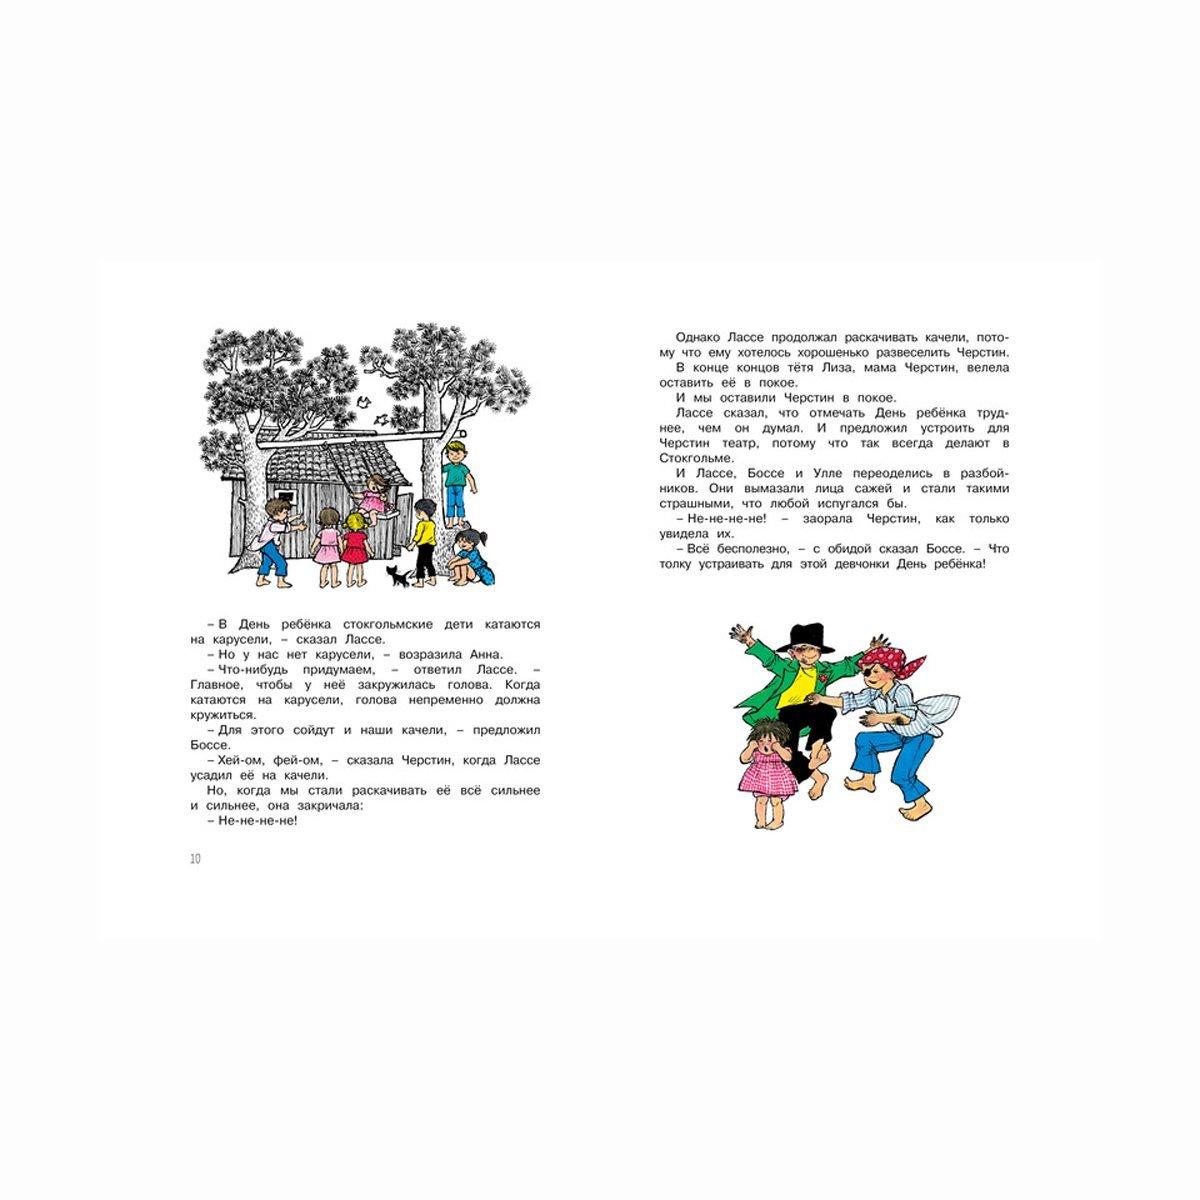 Купить Художественная литература, Линдгрен А., Приключения в Бюллербю, Machaon, 56с. 978-5-389-12215-4 ТМ: Machaon